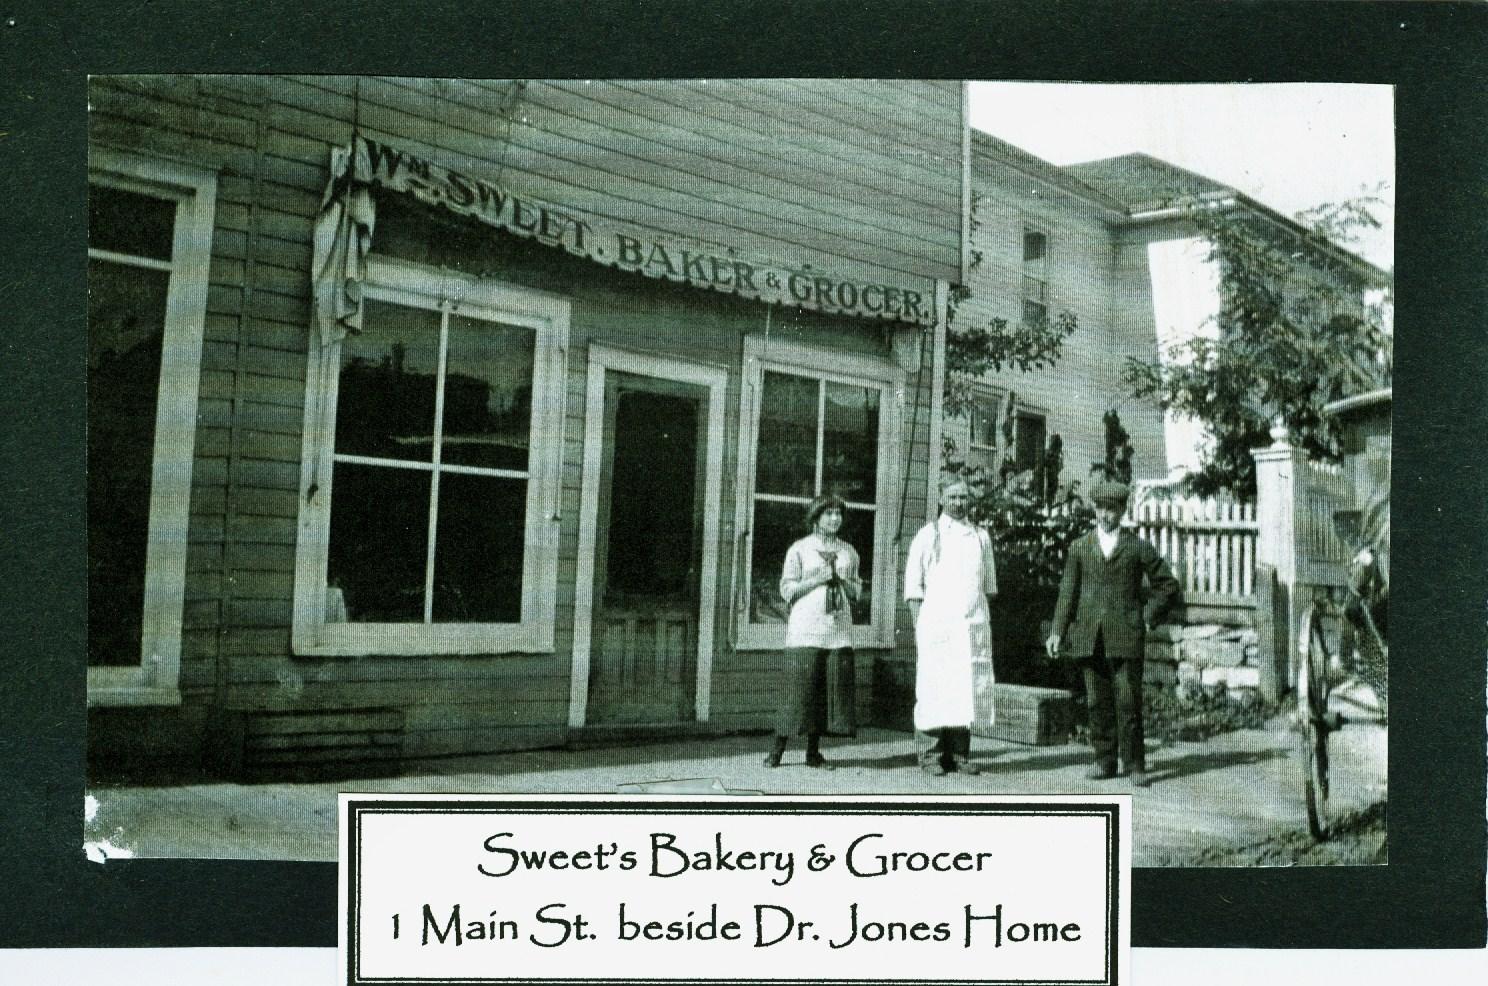 Sweet's Bakery & Grocer, 1 Main Street, beside Dr. Jones' Home.jpg